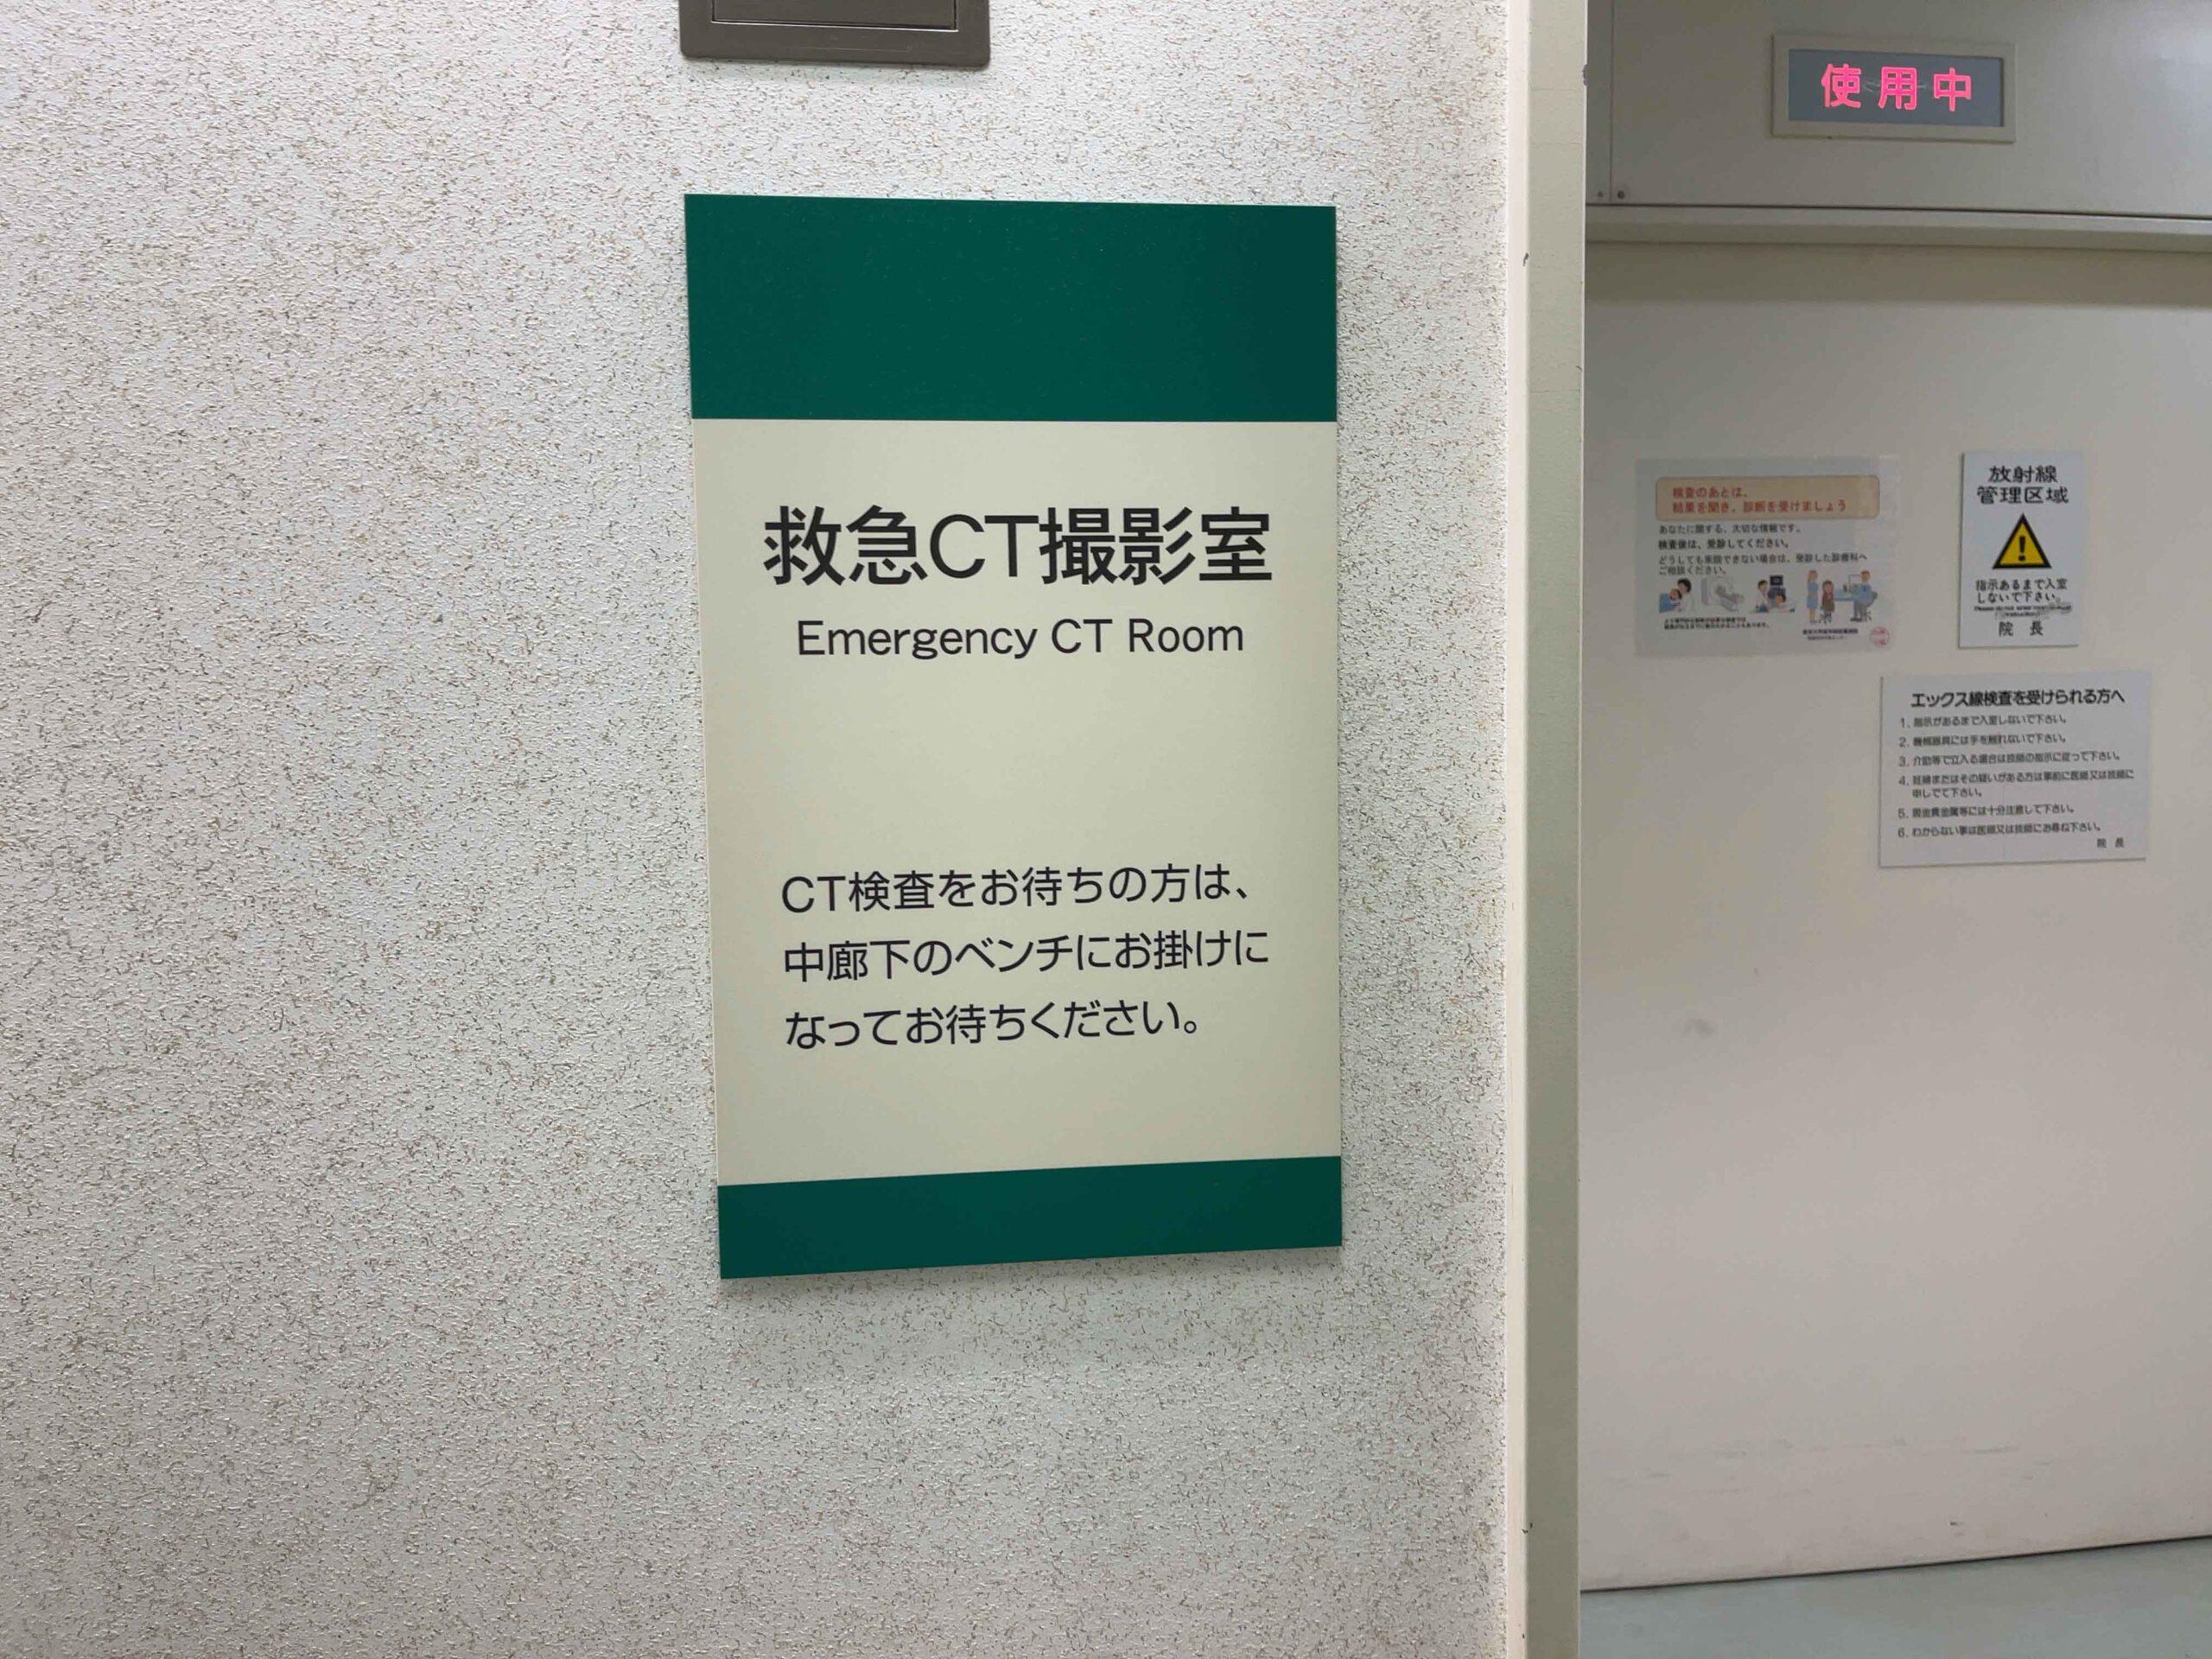 東大病院 CT